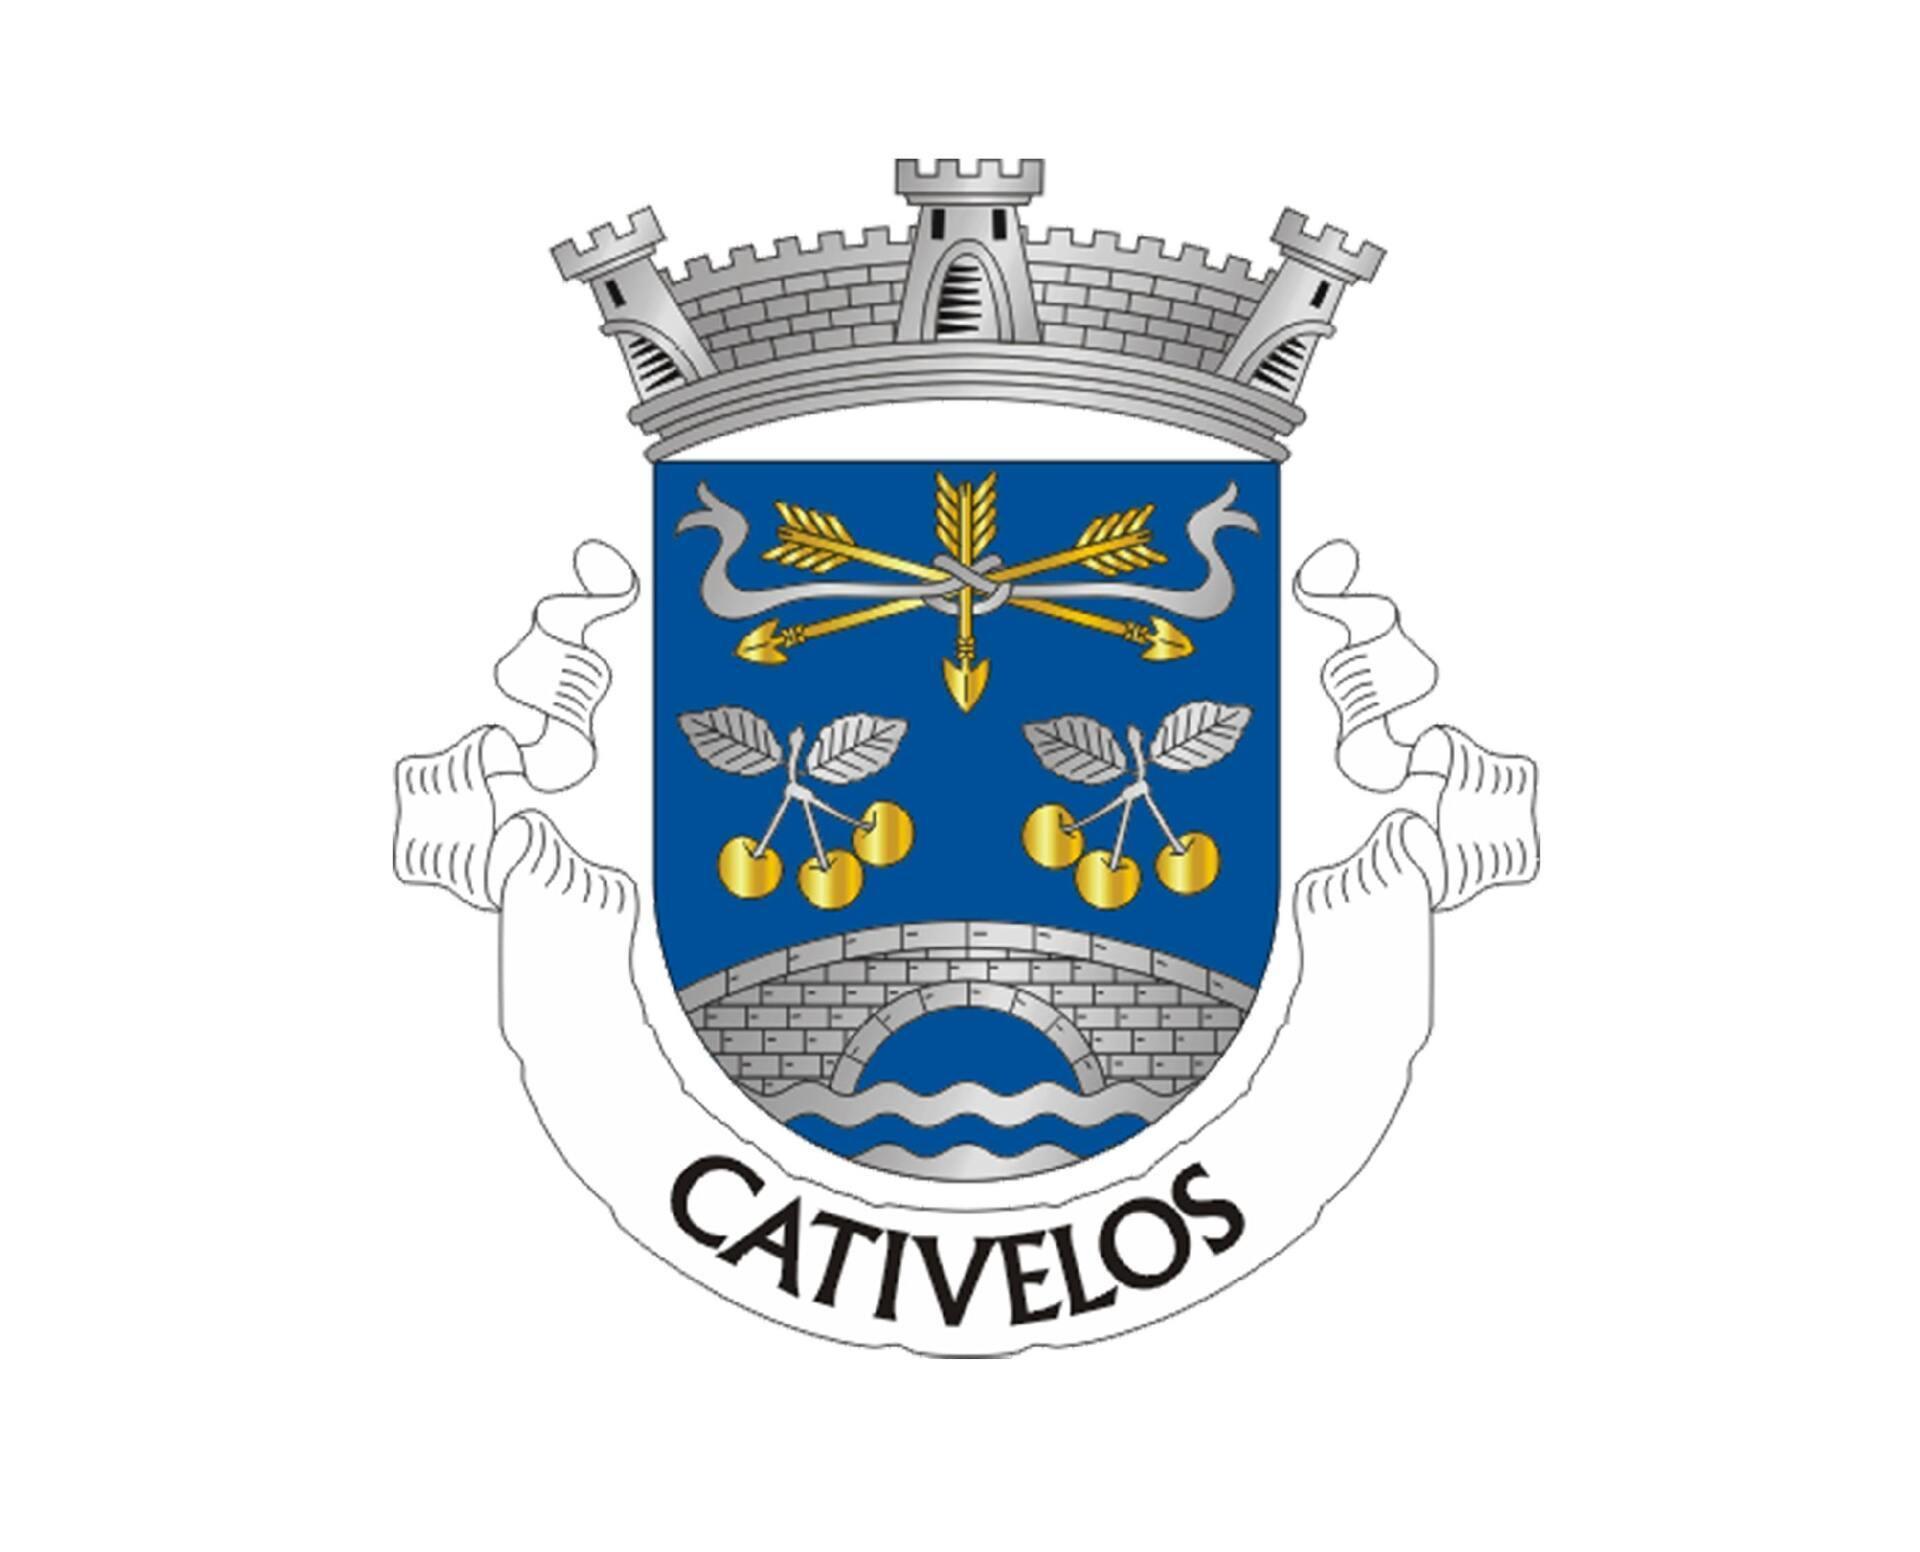 Brasão Cativelos